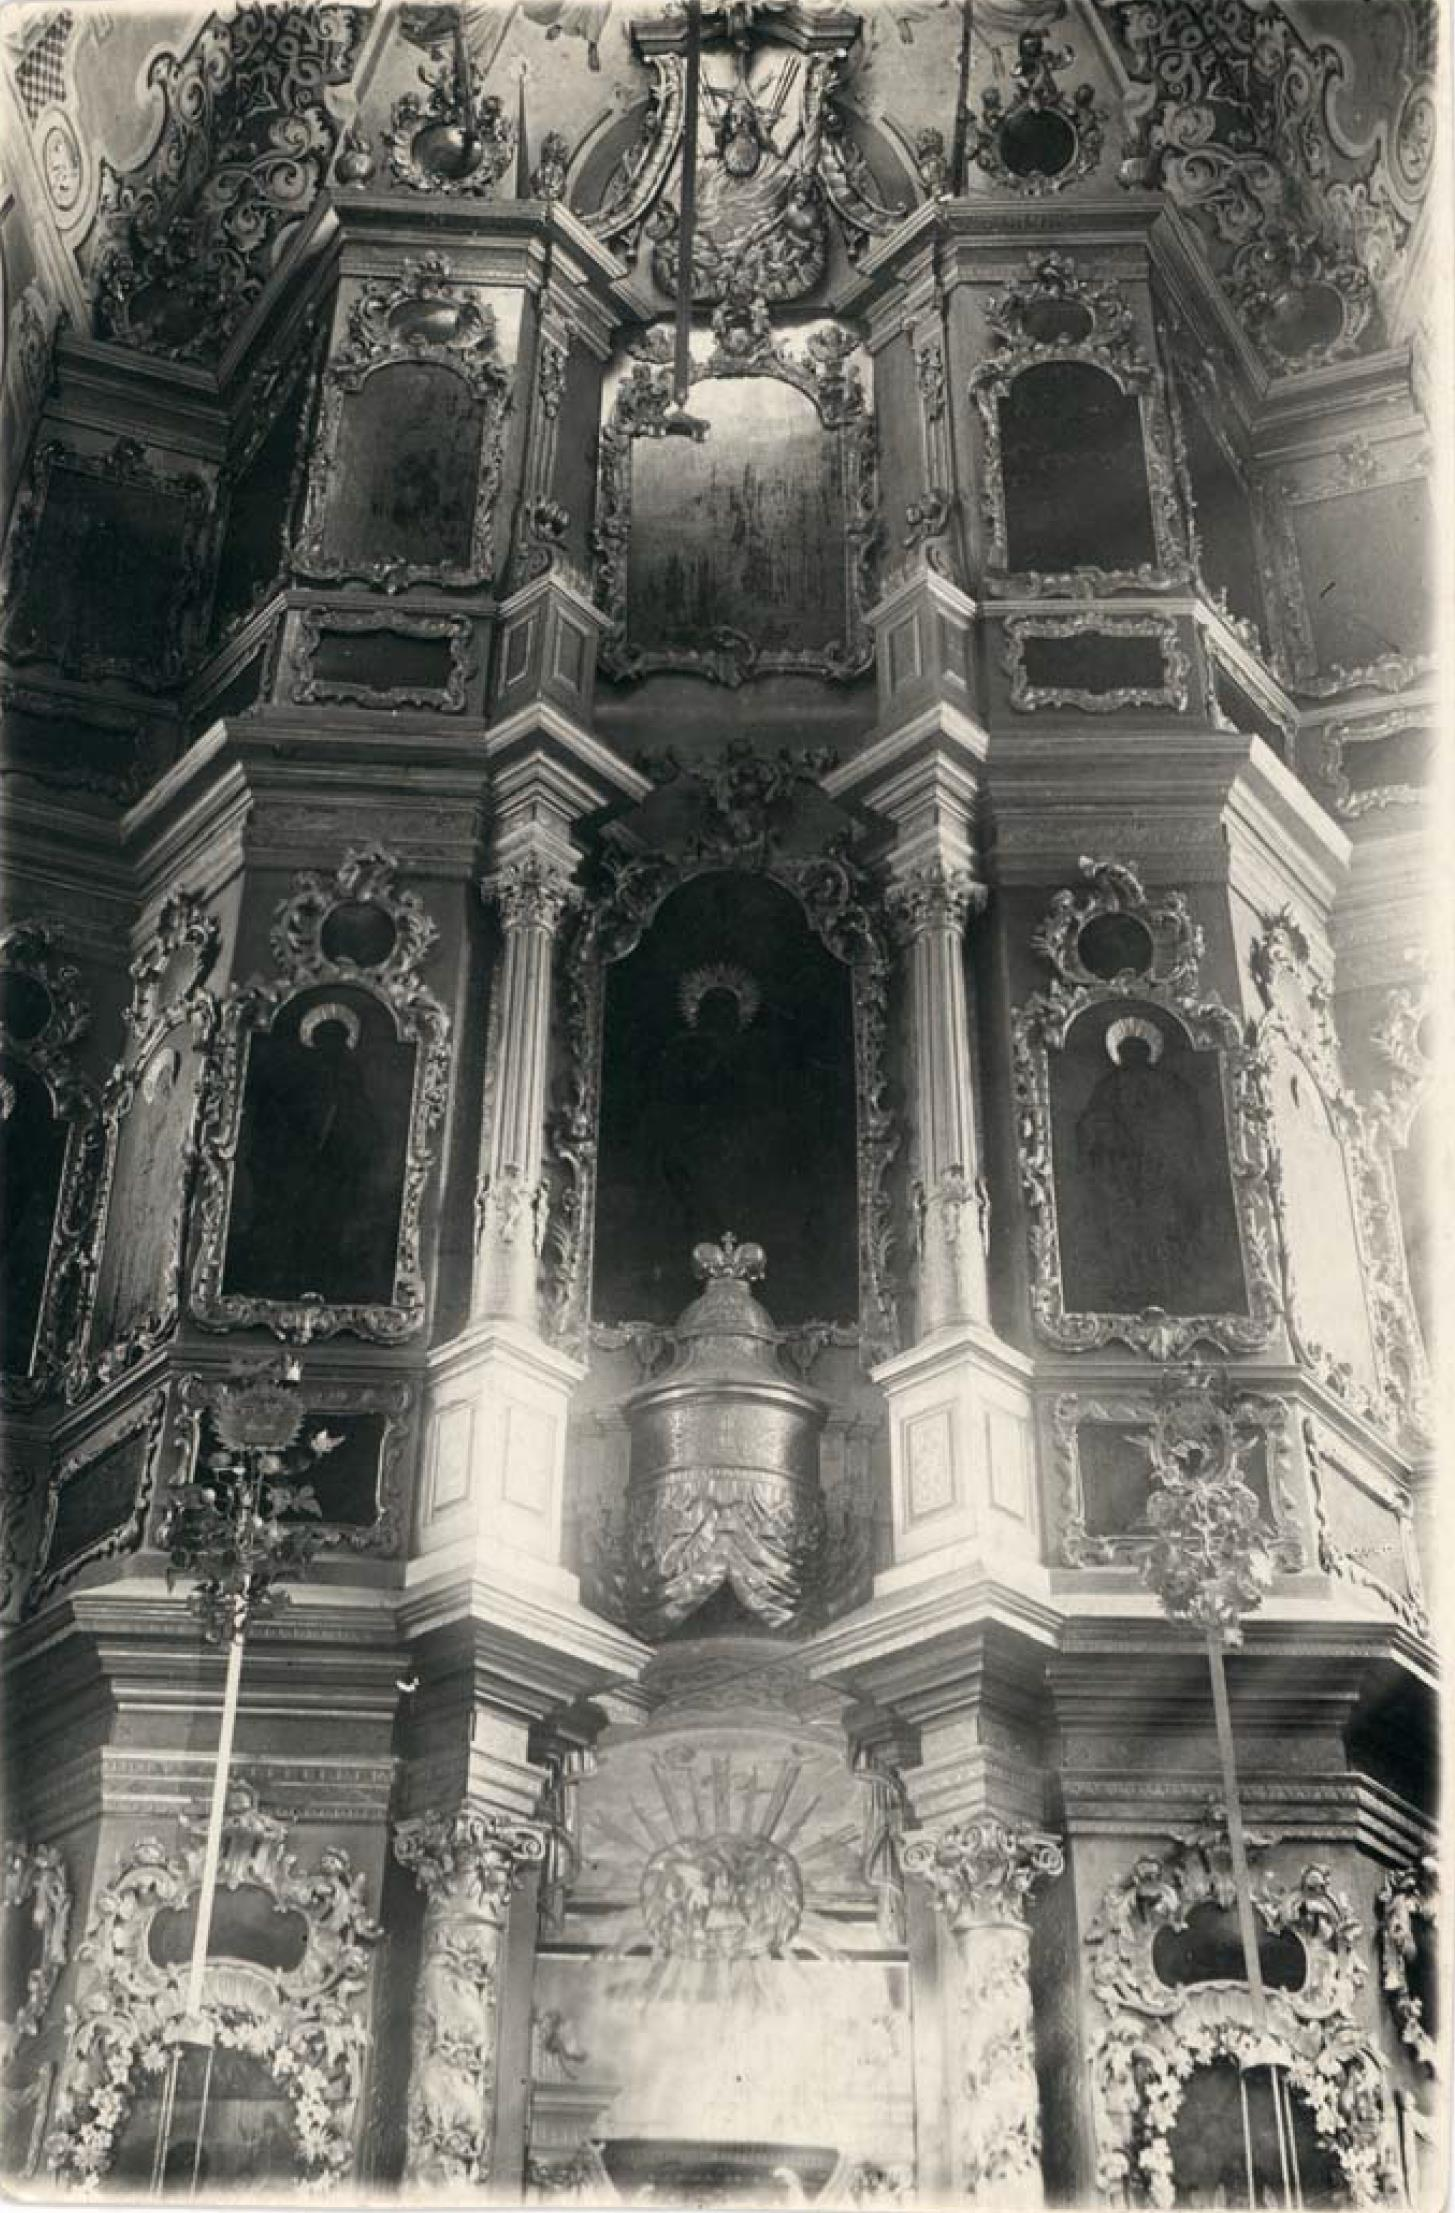 Никитская (Предтеченская) церковь 1765 г. Иконостас главной, Предтеченской, церкви (верхняя часть)